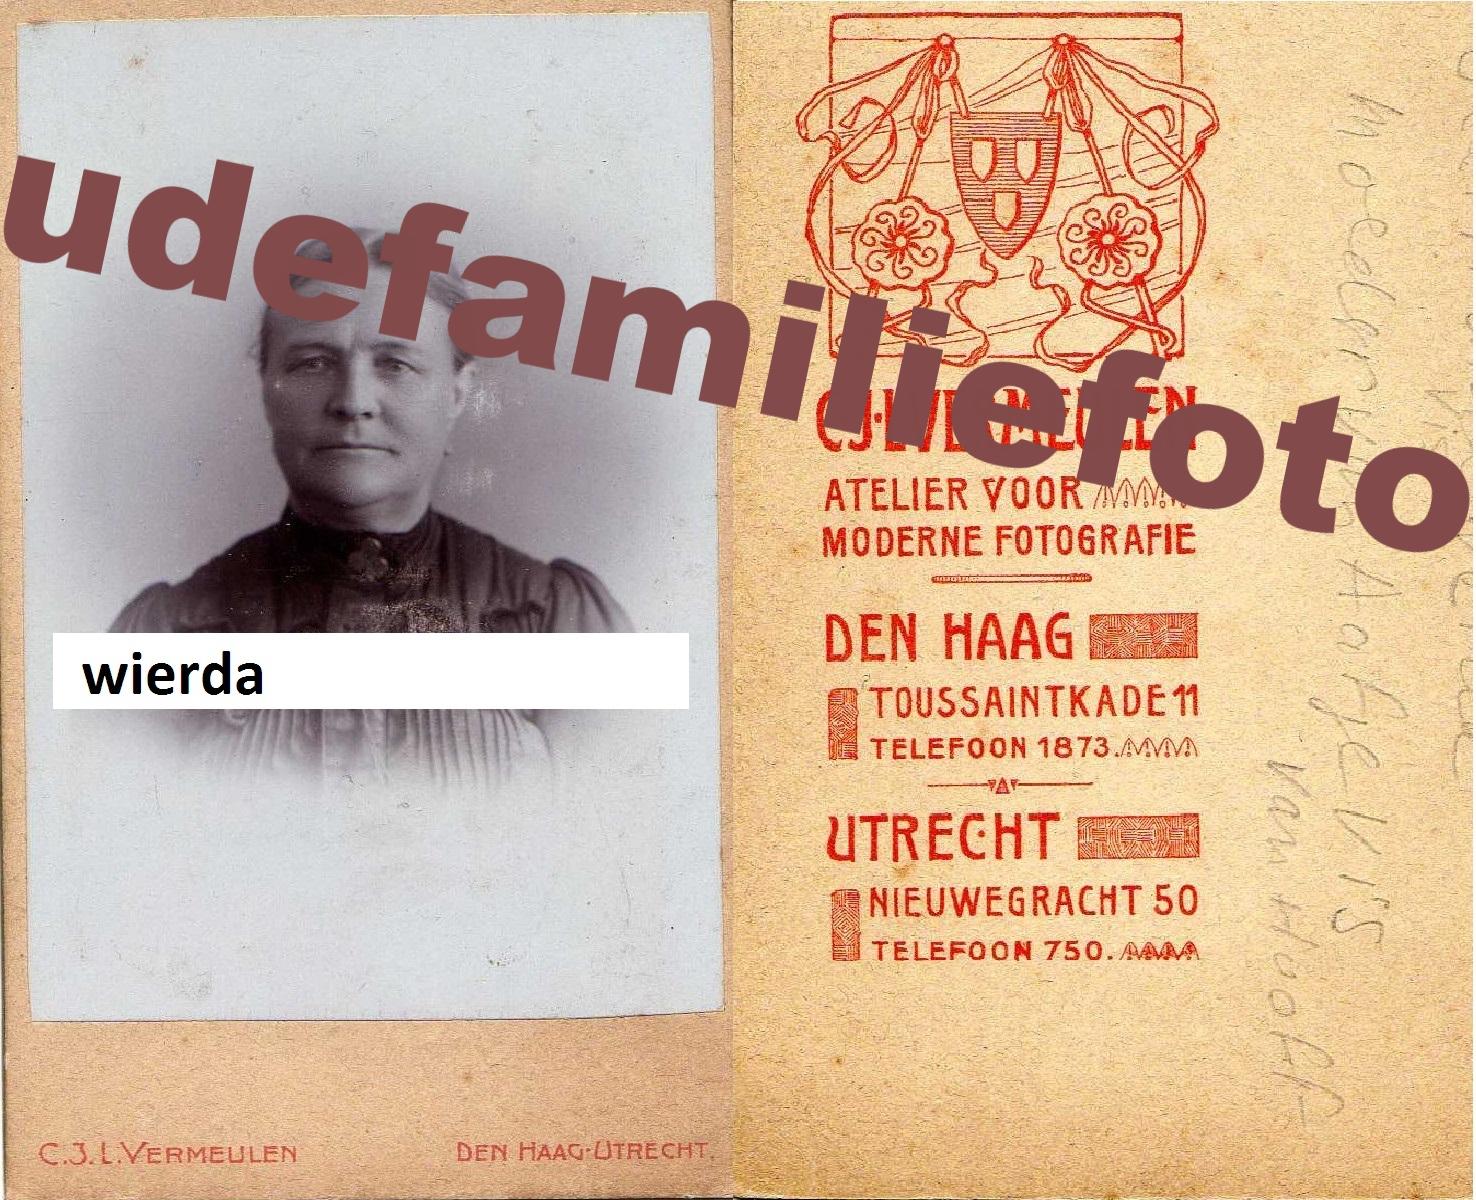 Wierda, Geertruida. geb: 12-2-1840 Leeuwarden. Getrouwd met Dirk Vis. € 3,50